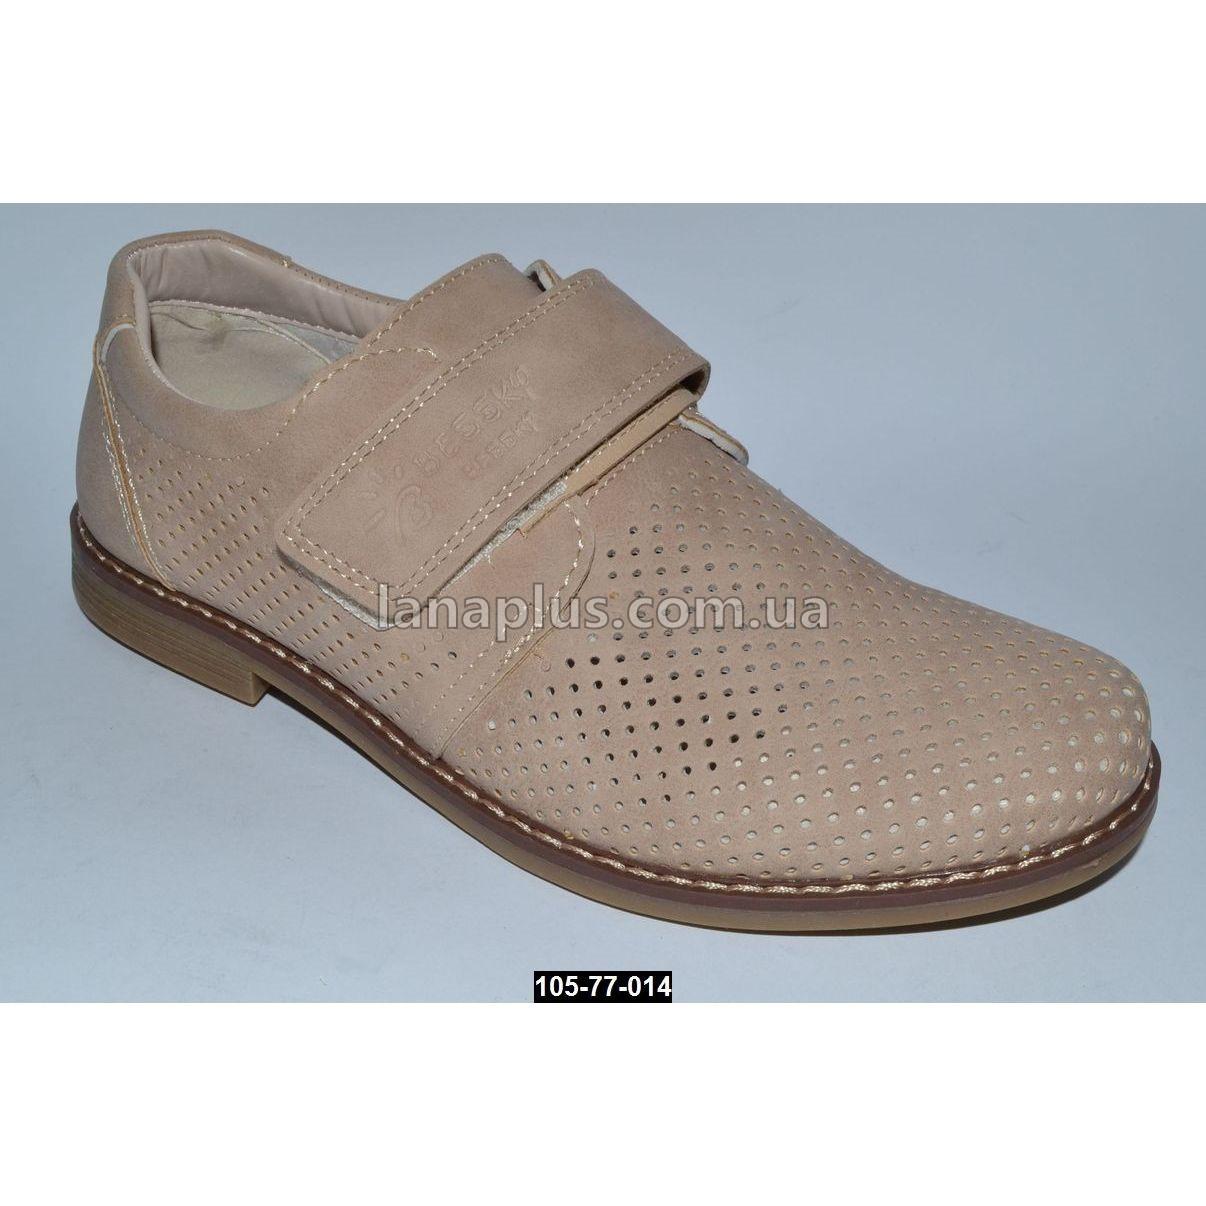 Летние туфли для мальчика, 37 размер (24 см), супинатор, 105-77-014